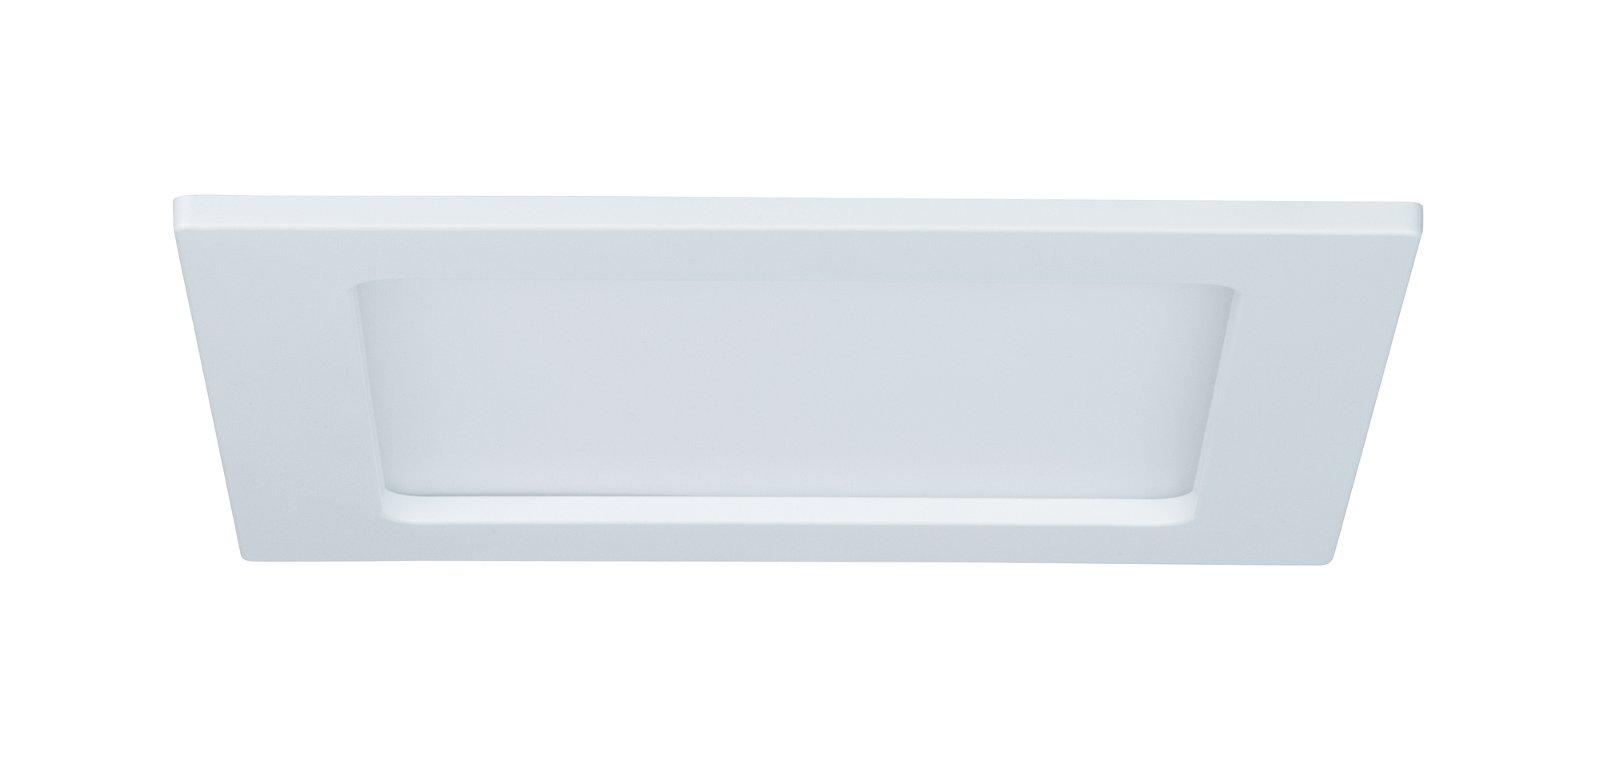 Panneau encastré LED IP44 carré 165x165mm 1263lm 4000K Blanc